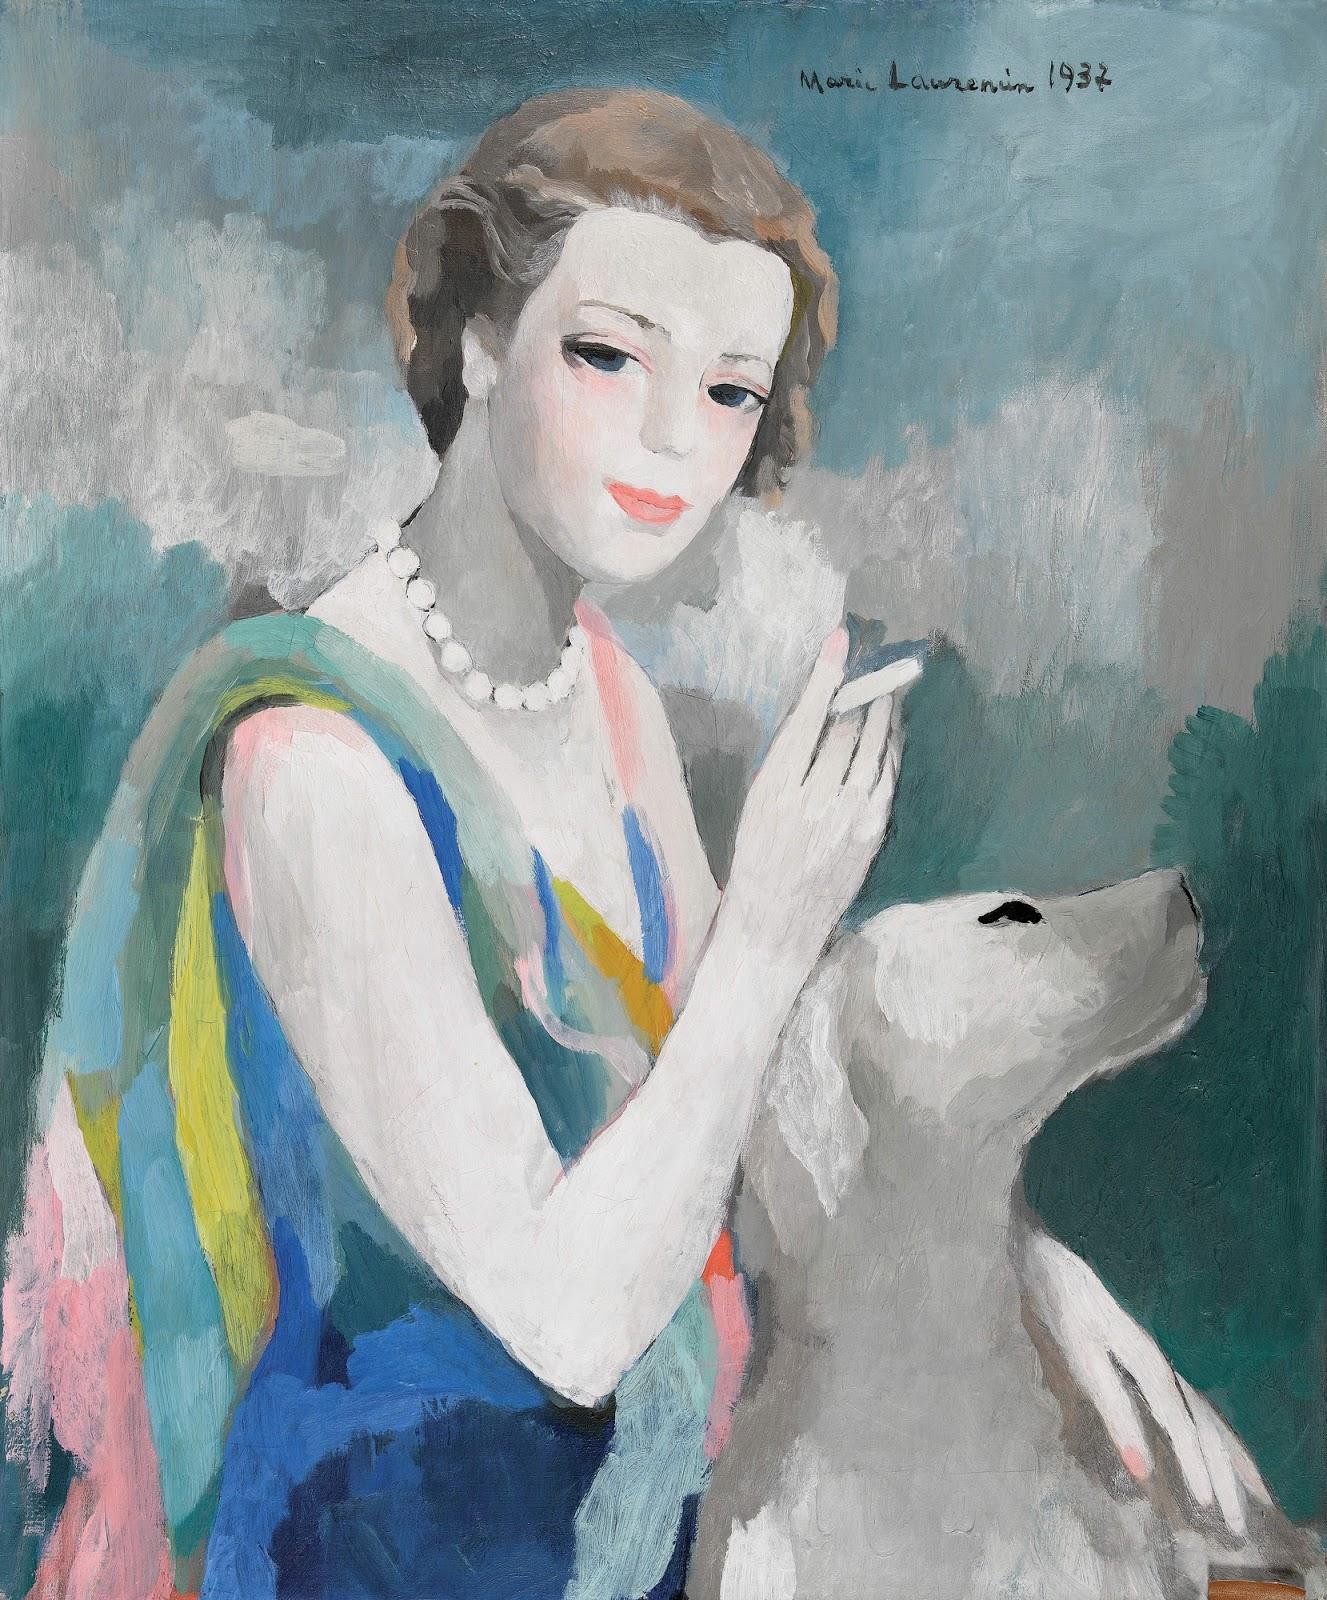 1937_Портрет Марсель Дорму (Portret de Marcele Dormoy, 1895-1976)_65 х 54.5_х.,м._Частное собрание.jpg